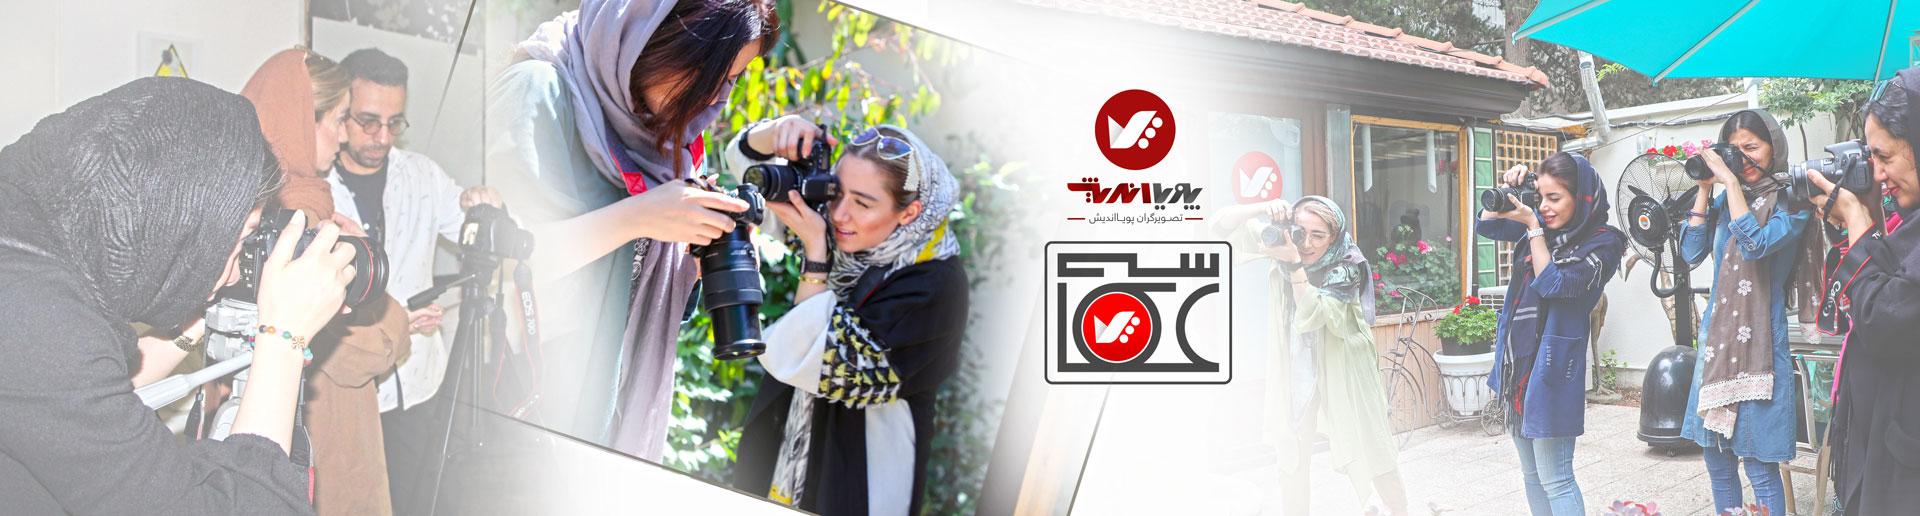 akkasi site akkasi chist 7 - عکاسی چیست ؟